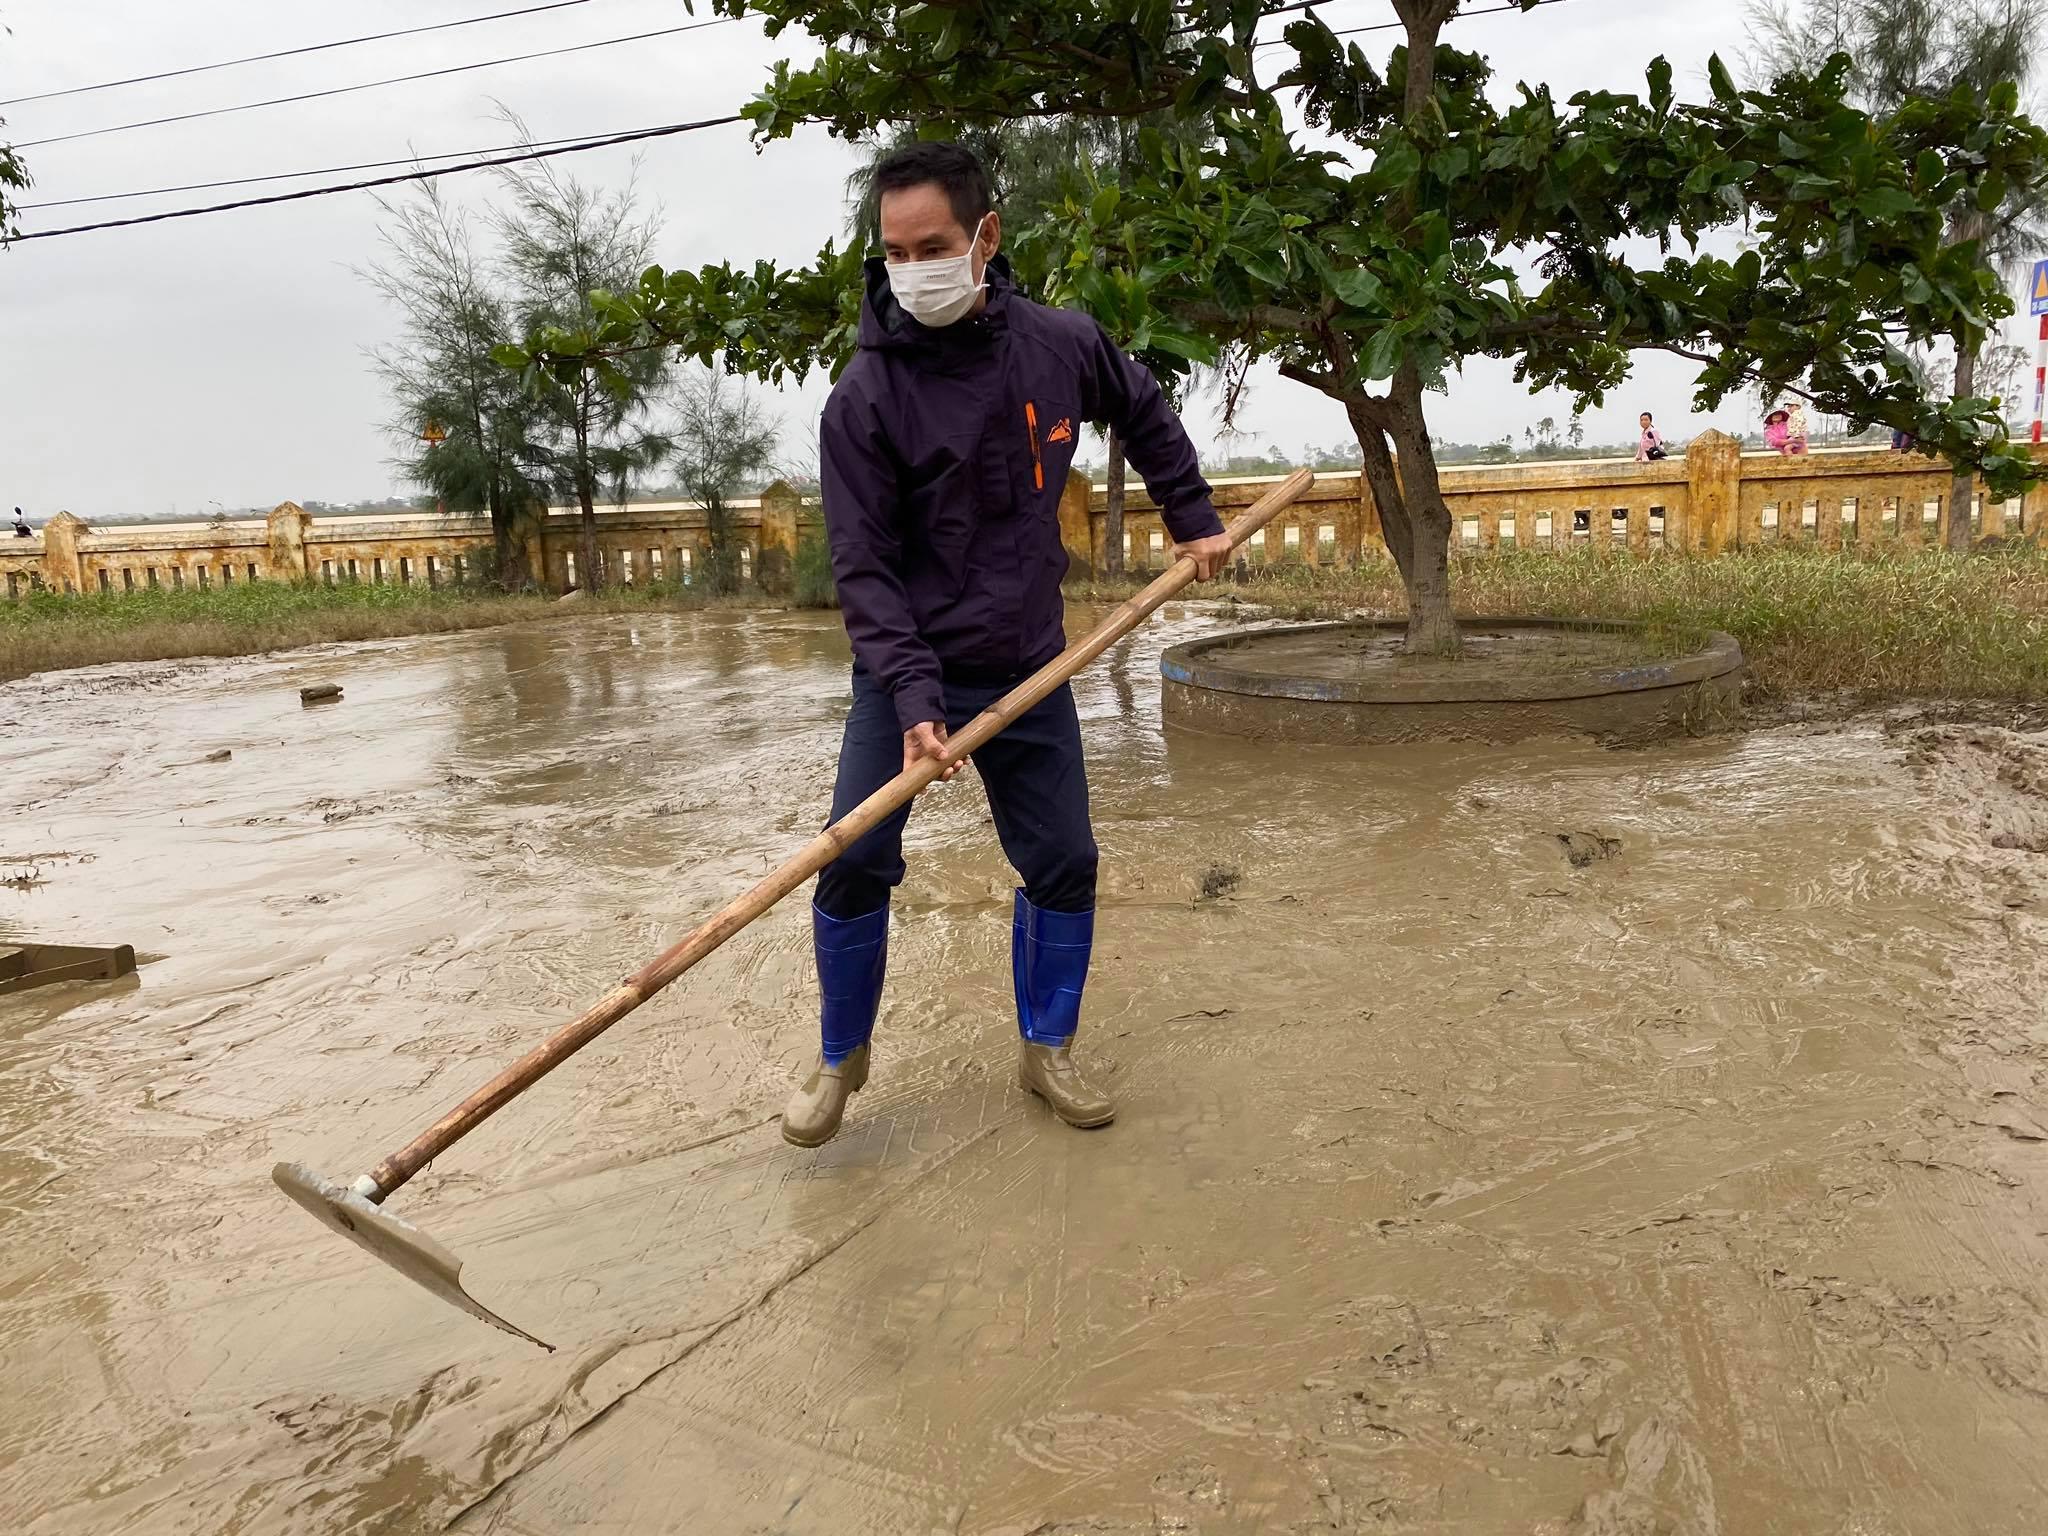 Vợ chồng Lý Hải - Minh Hà tất bật dọn rửa bùn non sau lũ ở miền Trung - Ảnh 3.